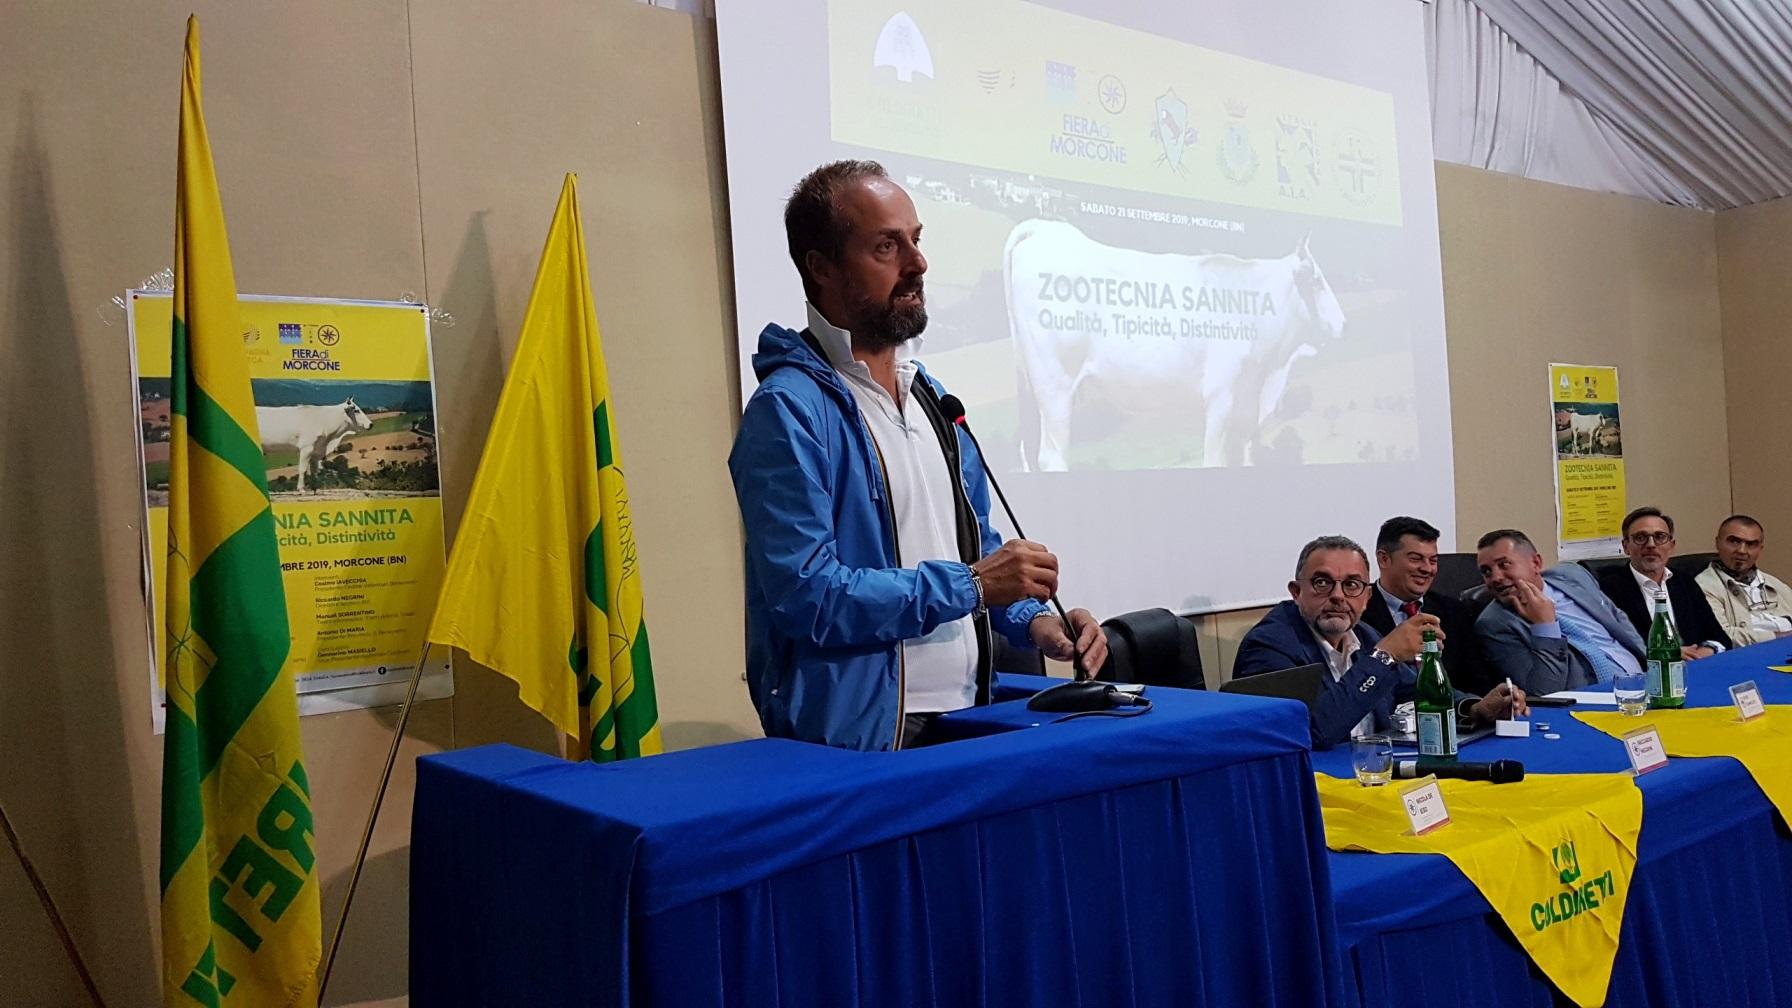 Zootecnica, Coldiretti a Morcone focus sul comparto nel Sannio. Stop a fake news sulla carne